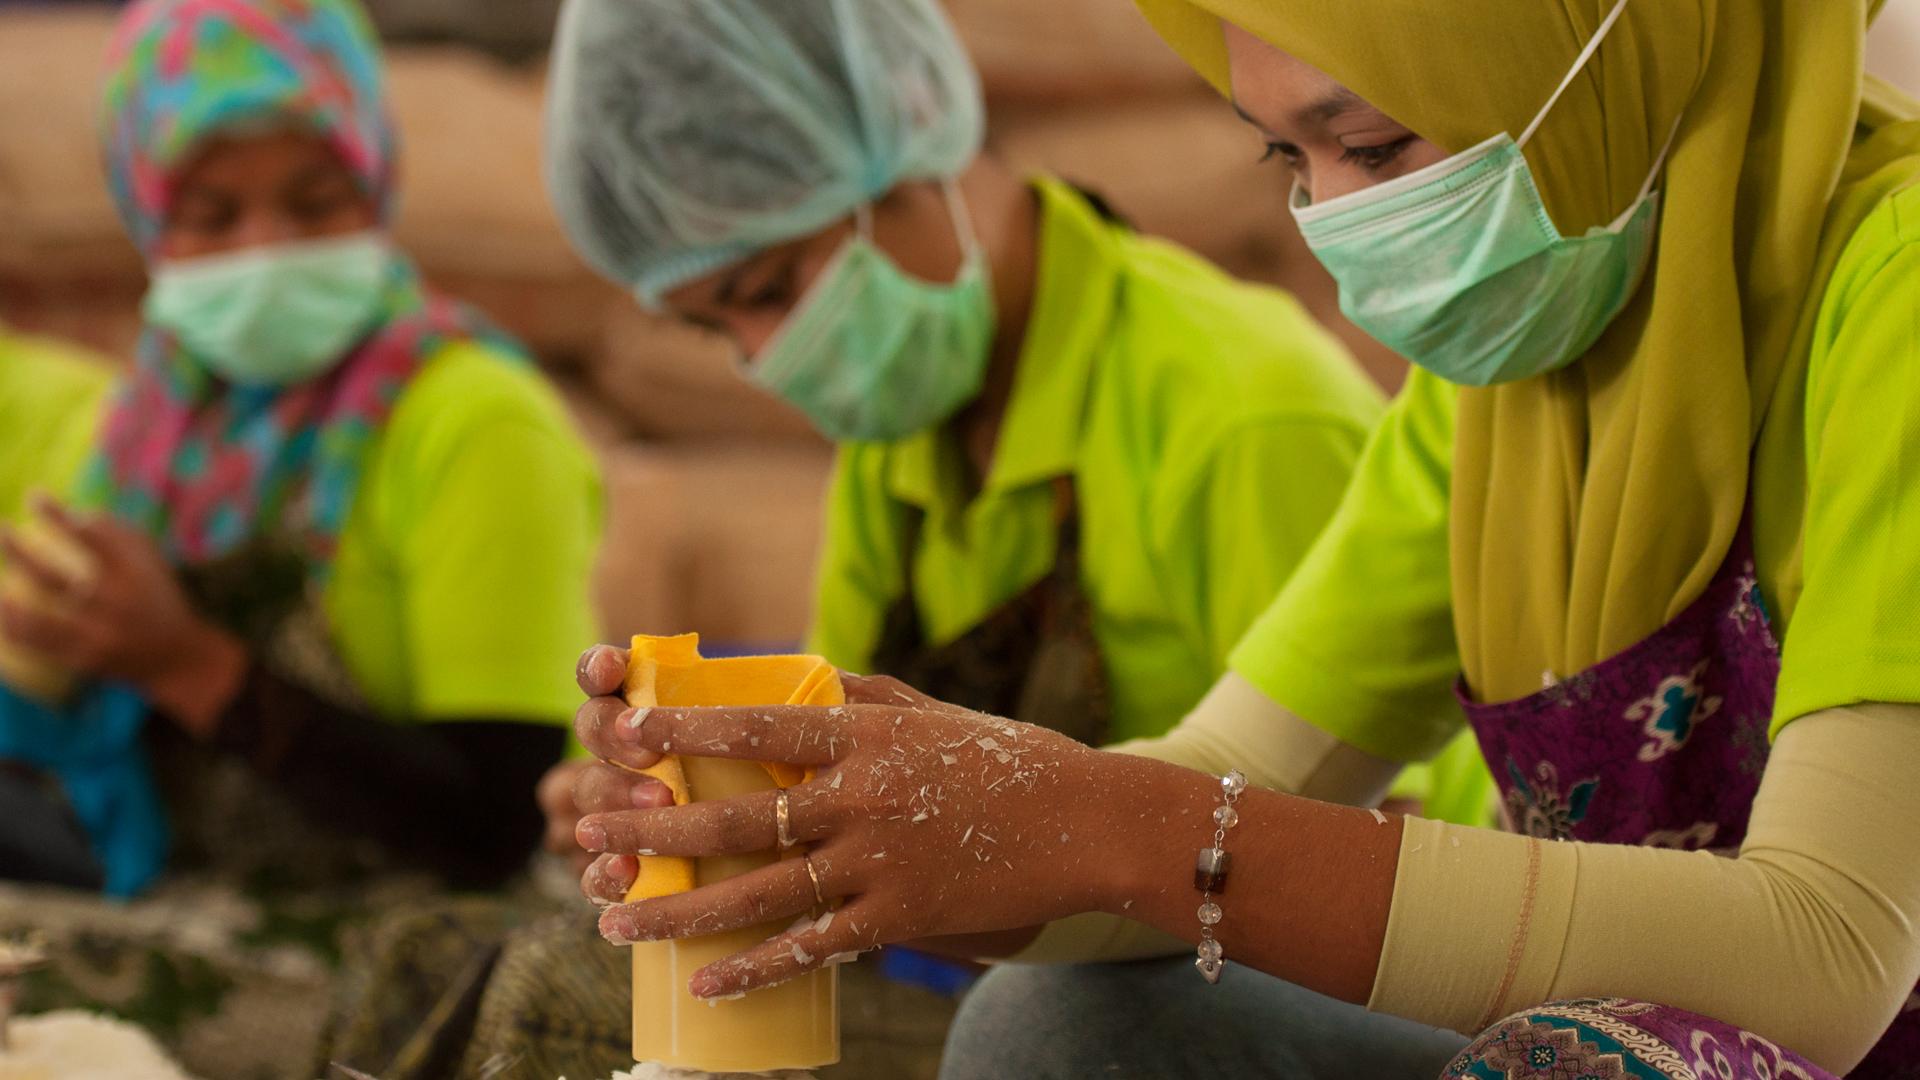 Umfangreiche Sozialleistungen, zum Beispiel bei Wax Industri: Die Mitarbeiter/-innen unseres Kerzenpartners erhalten bezahlten Mutterschutz, Urlaub, einen Pensionsfonds und sind krankenversichert – in Indonesien nicht selbstverständlich.